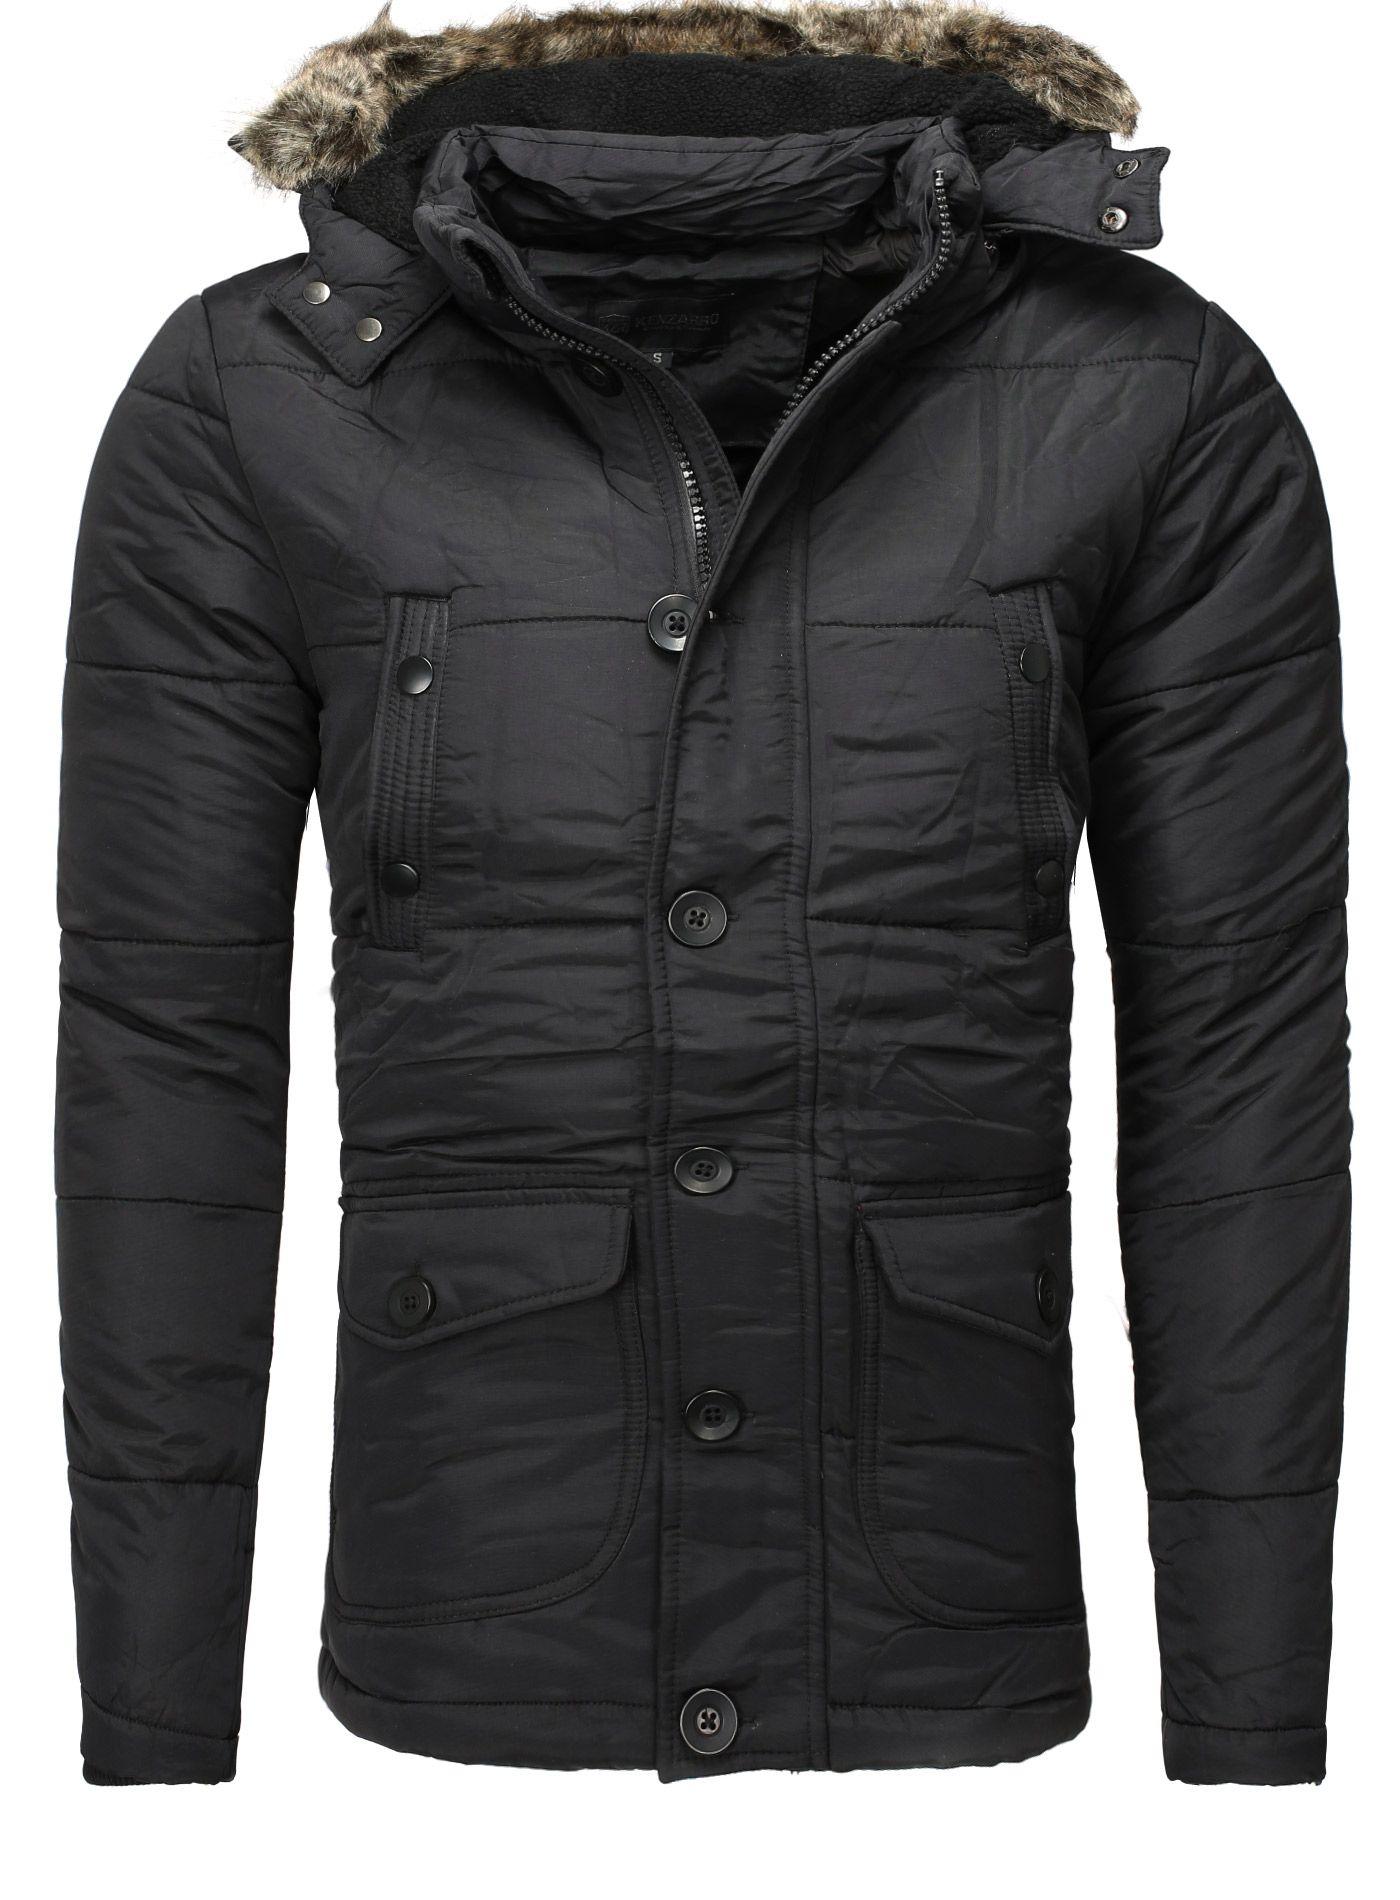 Jacke von der Marke Kenzarro Farbe: Schwarz Verschluss